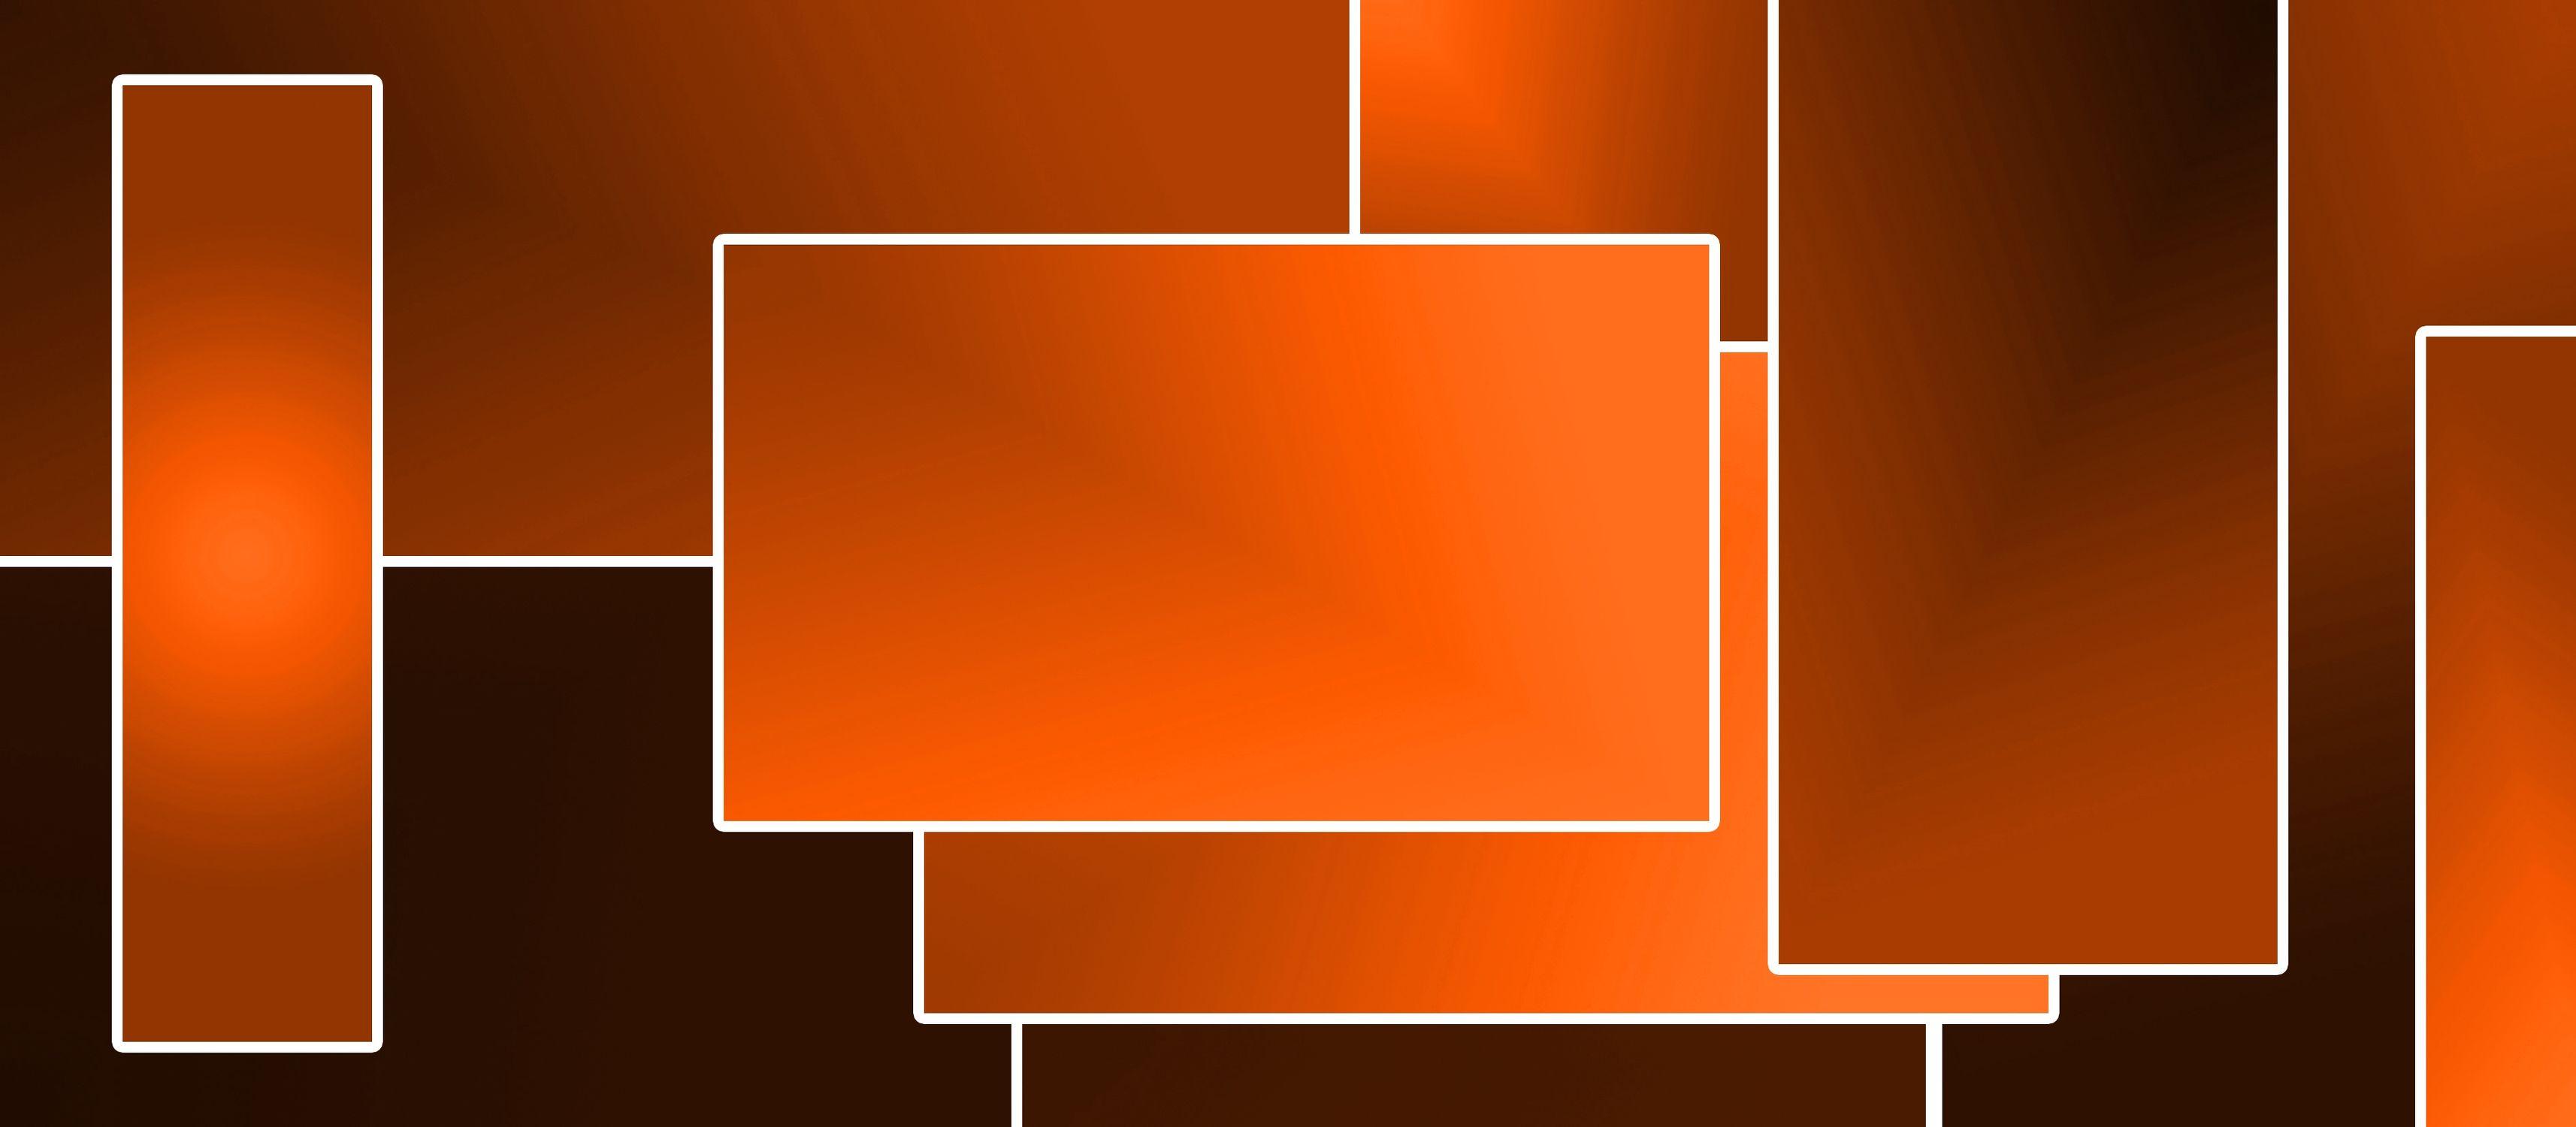 Bild mit Farben, Orange, Abstrakt, Abstrakte Kunst, Retro, 70er